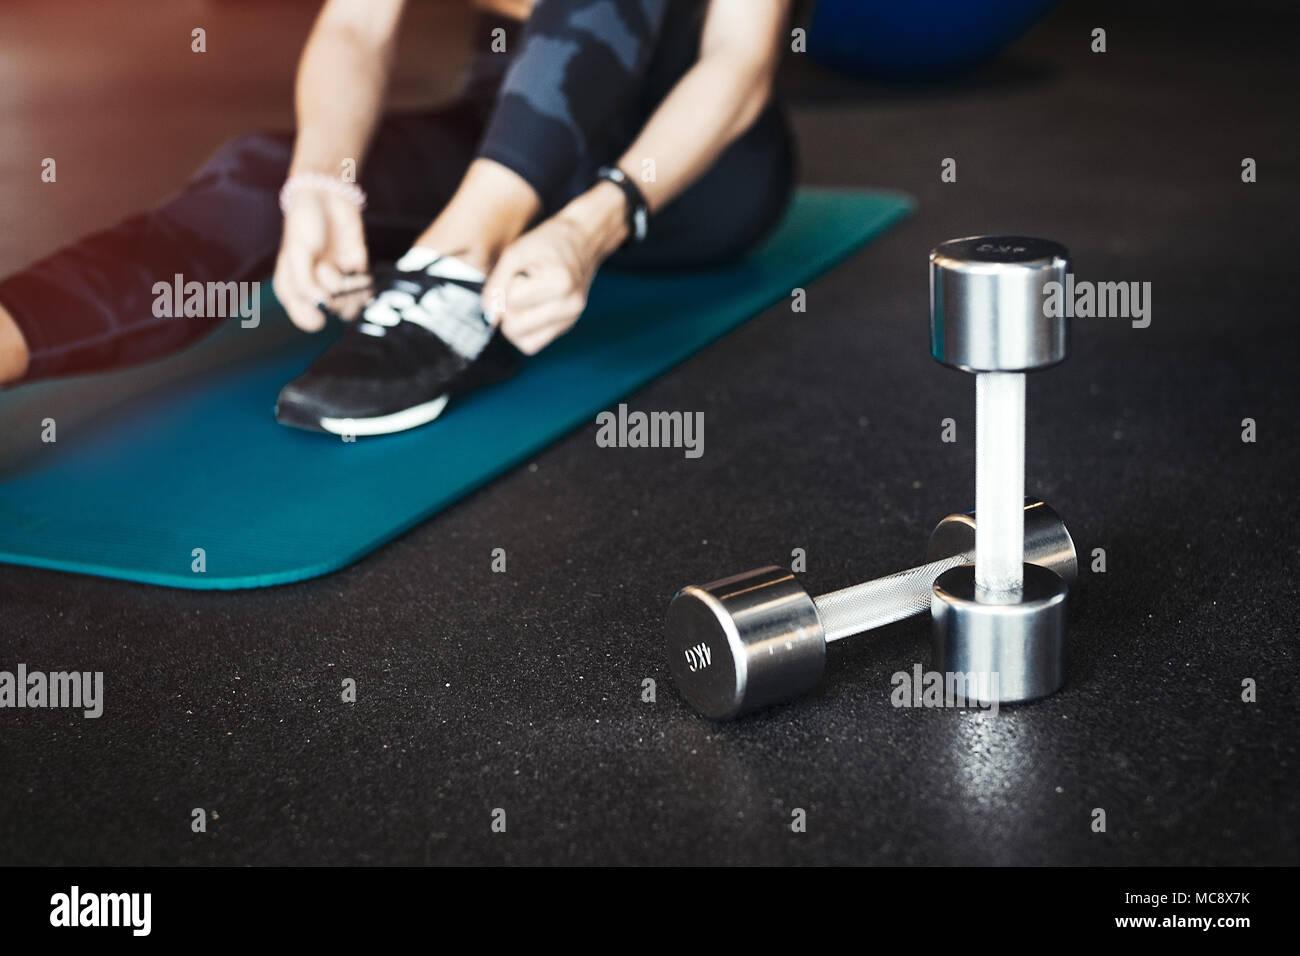 Giovane attraente ragazza bruna enlacing il suo sport calzature dopo la pratica di allenamento e formazione crossfit su blu materassino yoga. Donna sfocata è su backgroun Immagini Stock